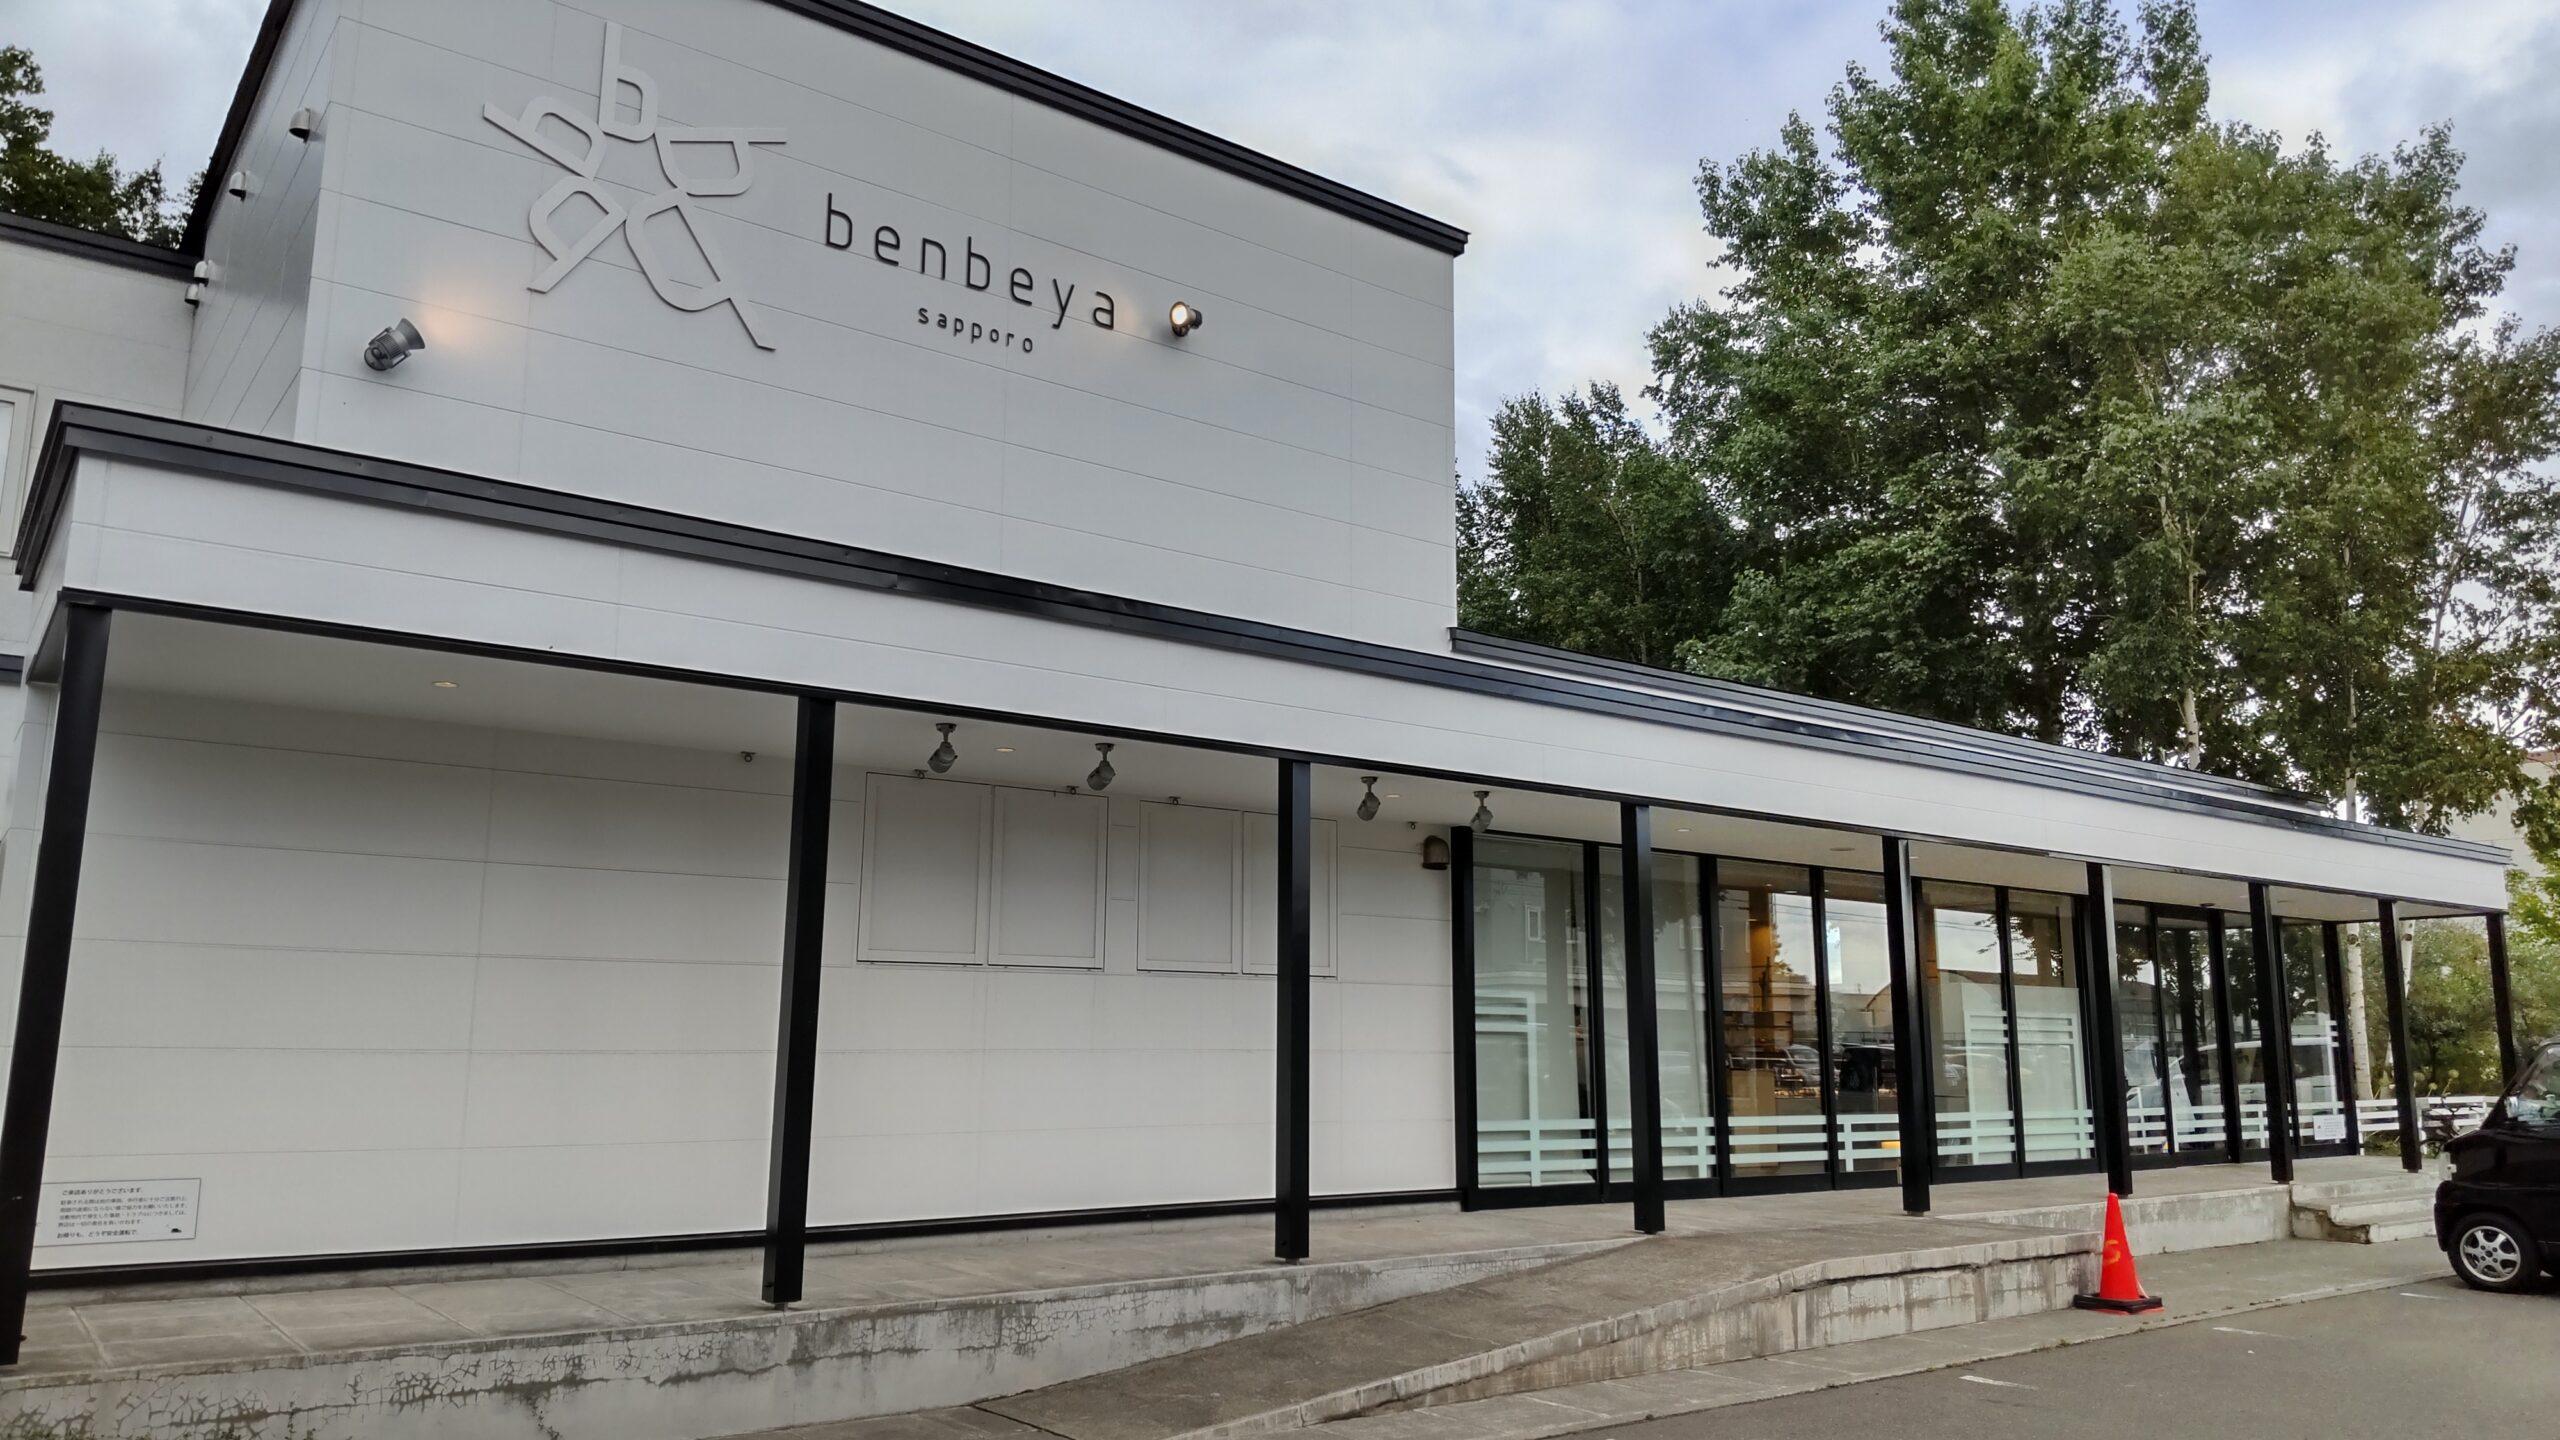 benbeya(べんべや) 本店